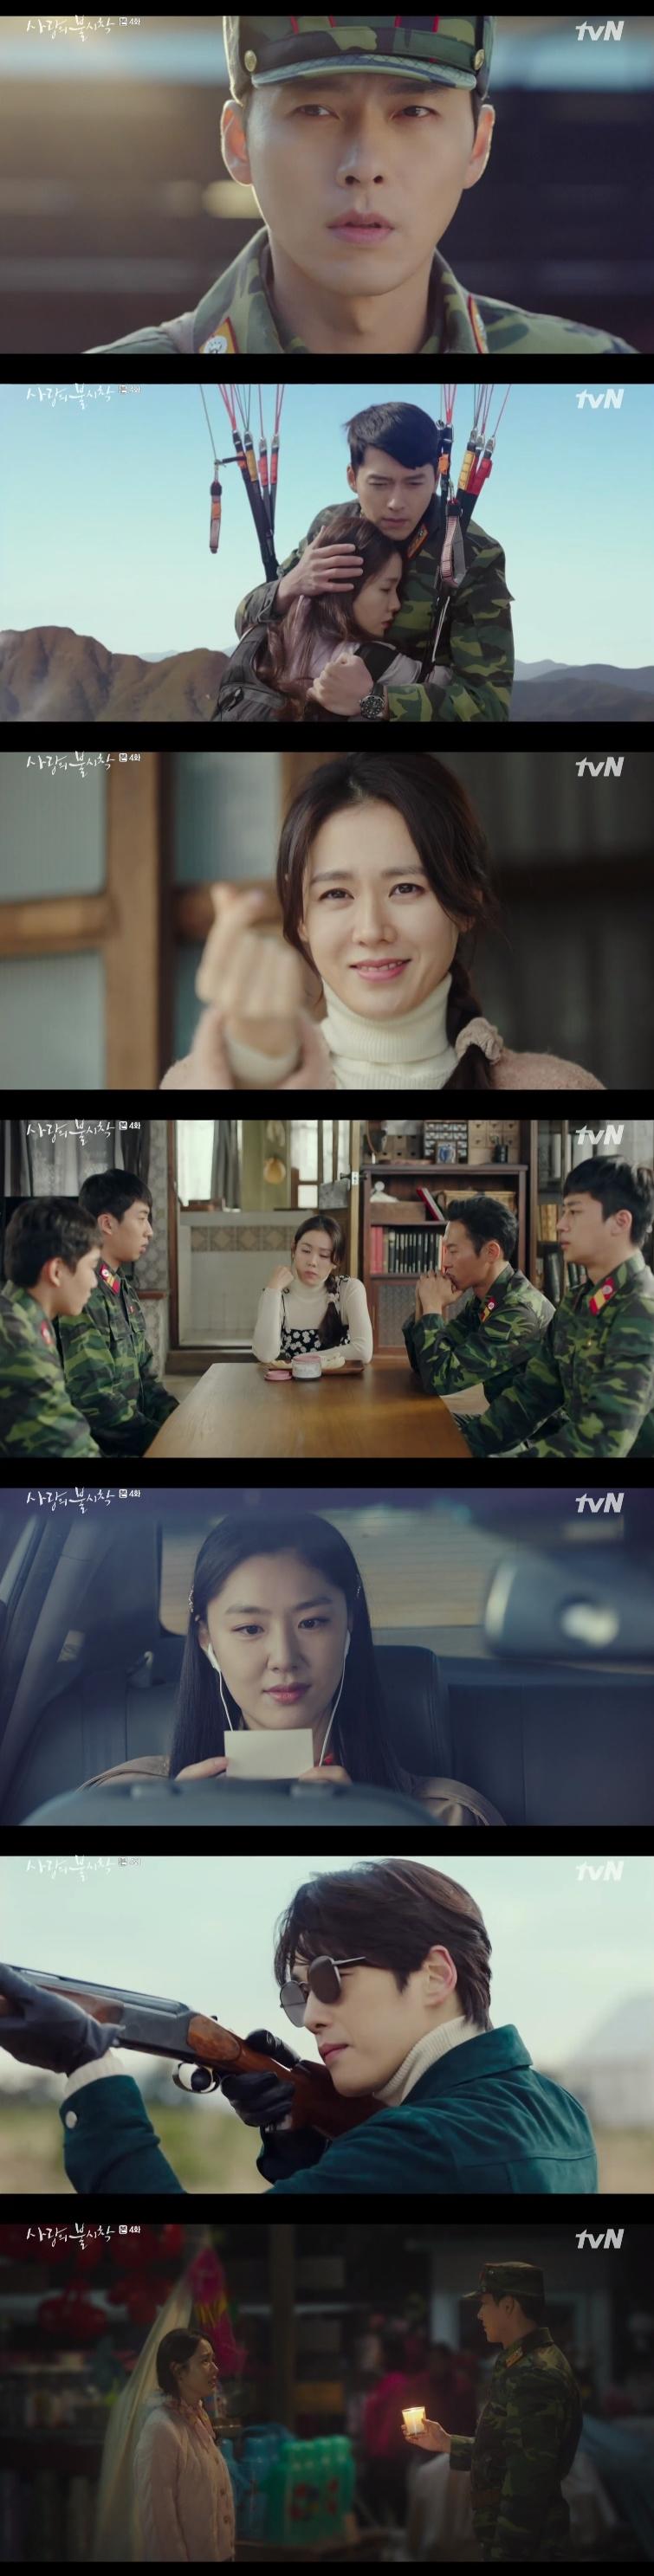 현빈♥손예진 '심쿵' 엔딩 '사랑의 불시착' 8.5% 자체 최고 기록